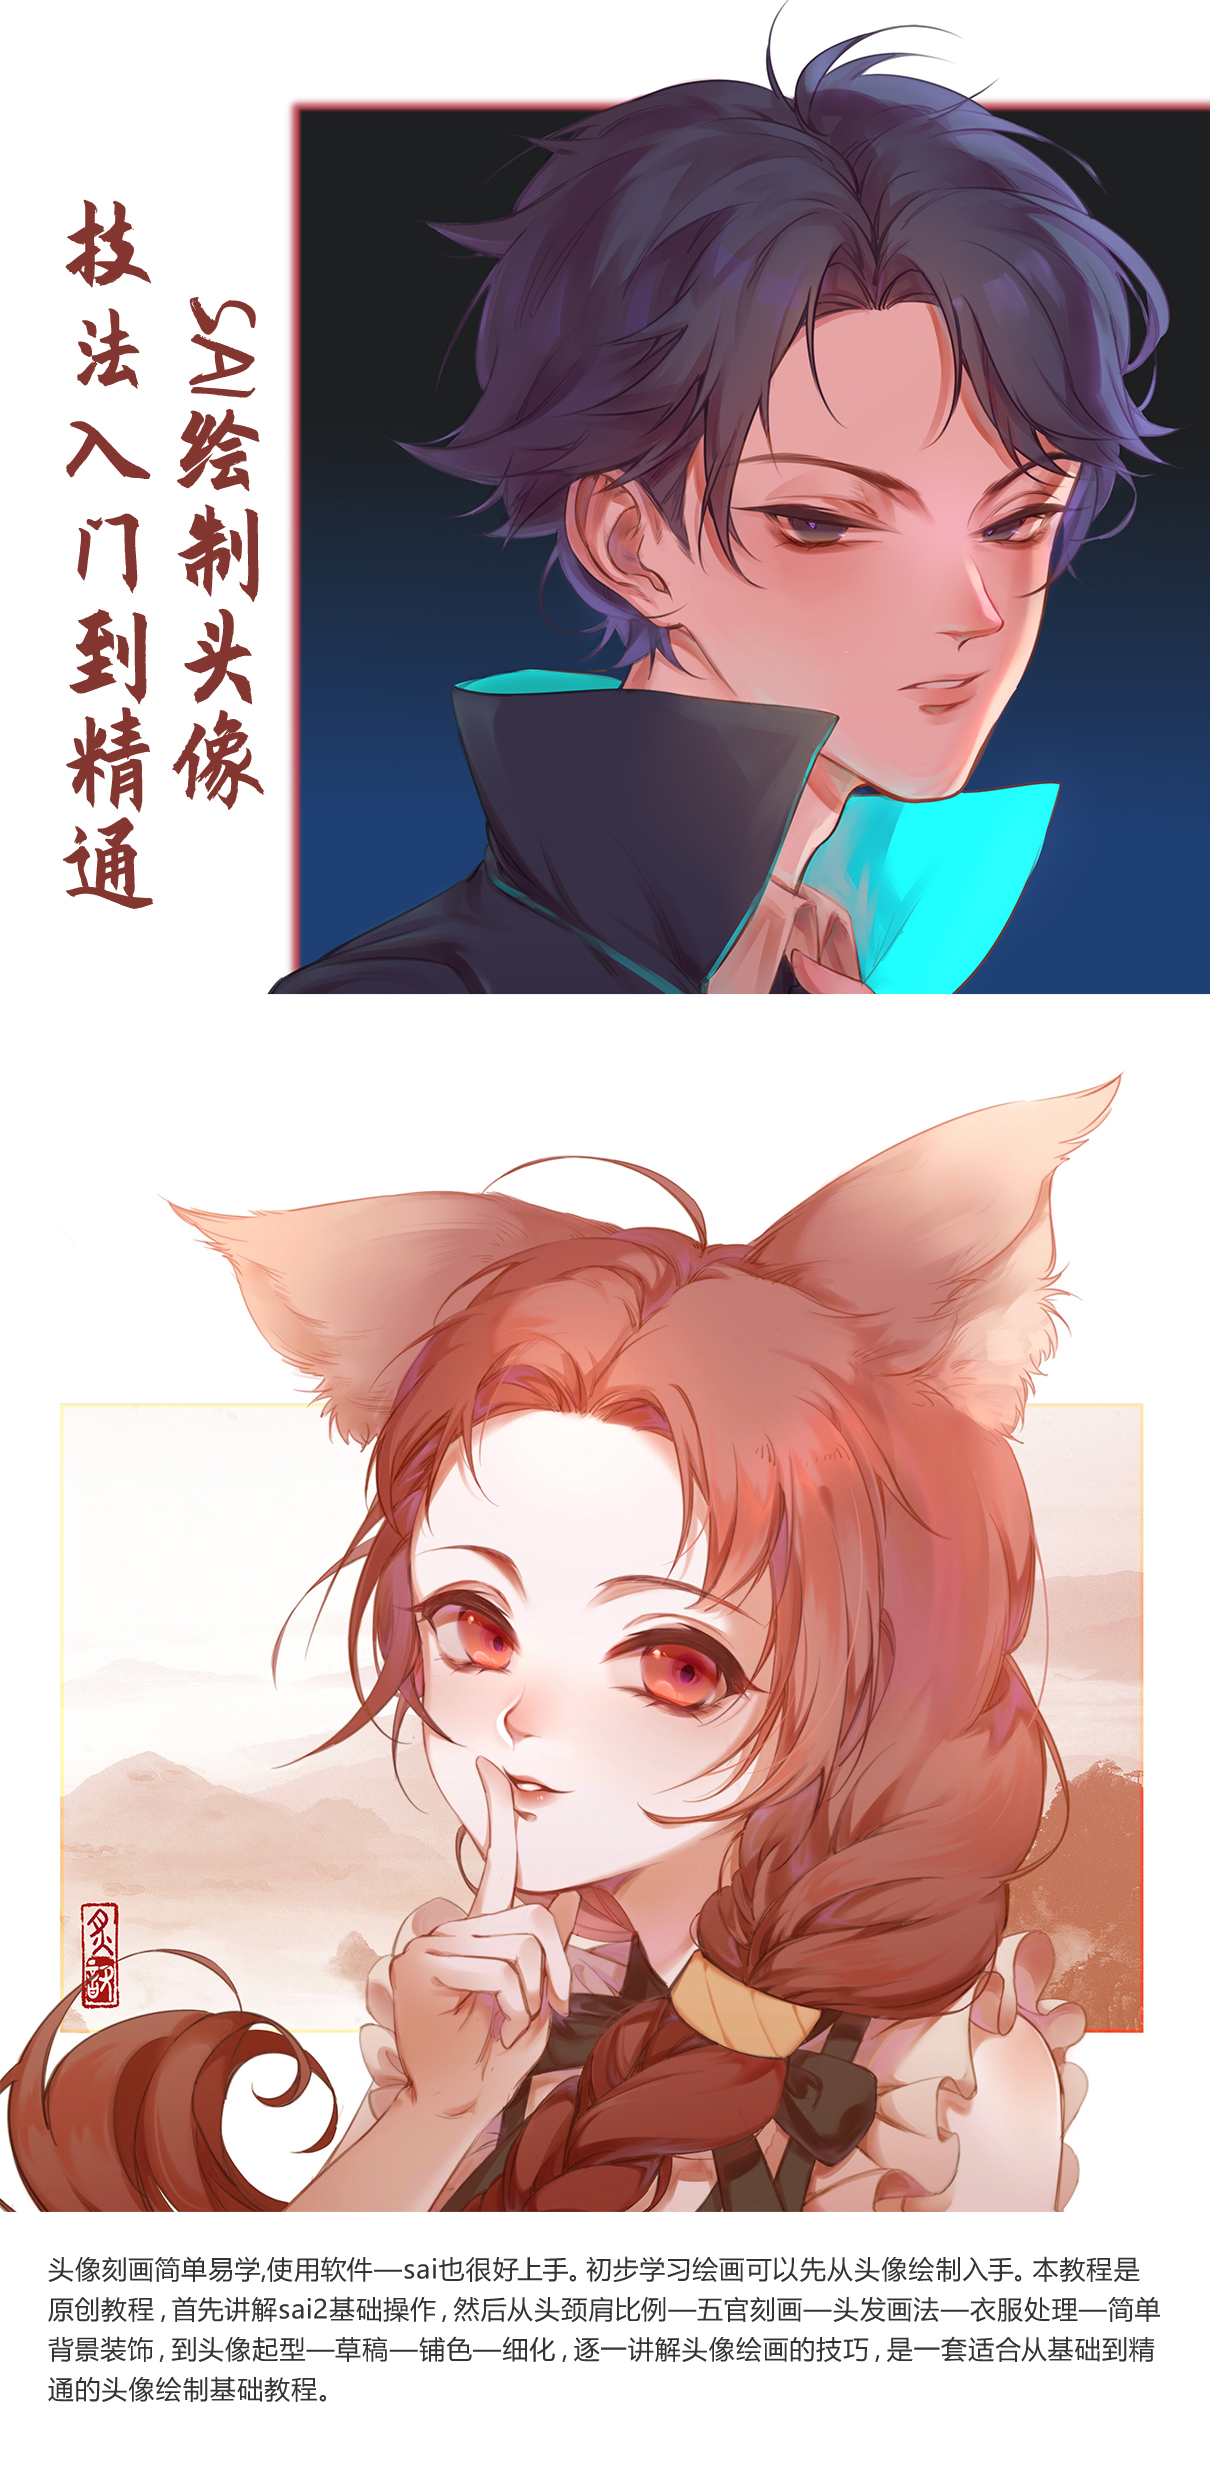 海报封面图_01.jpg